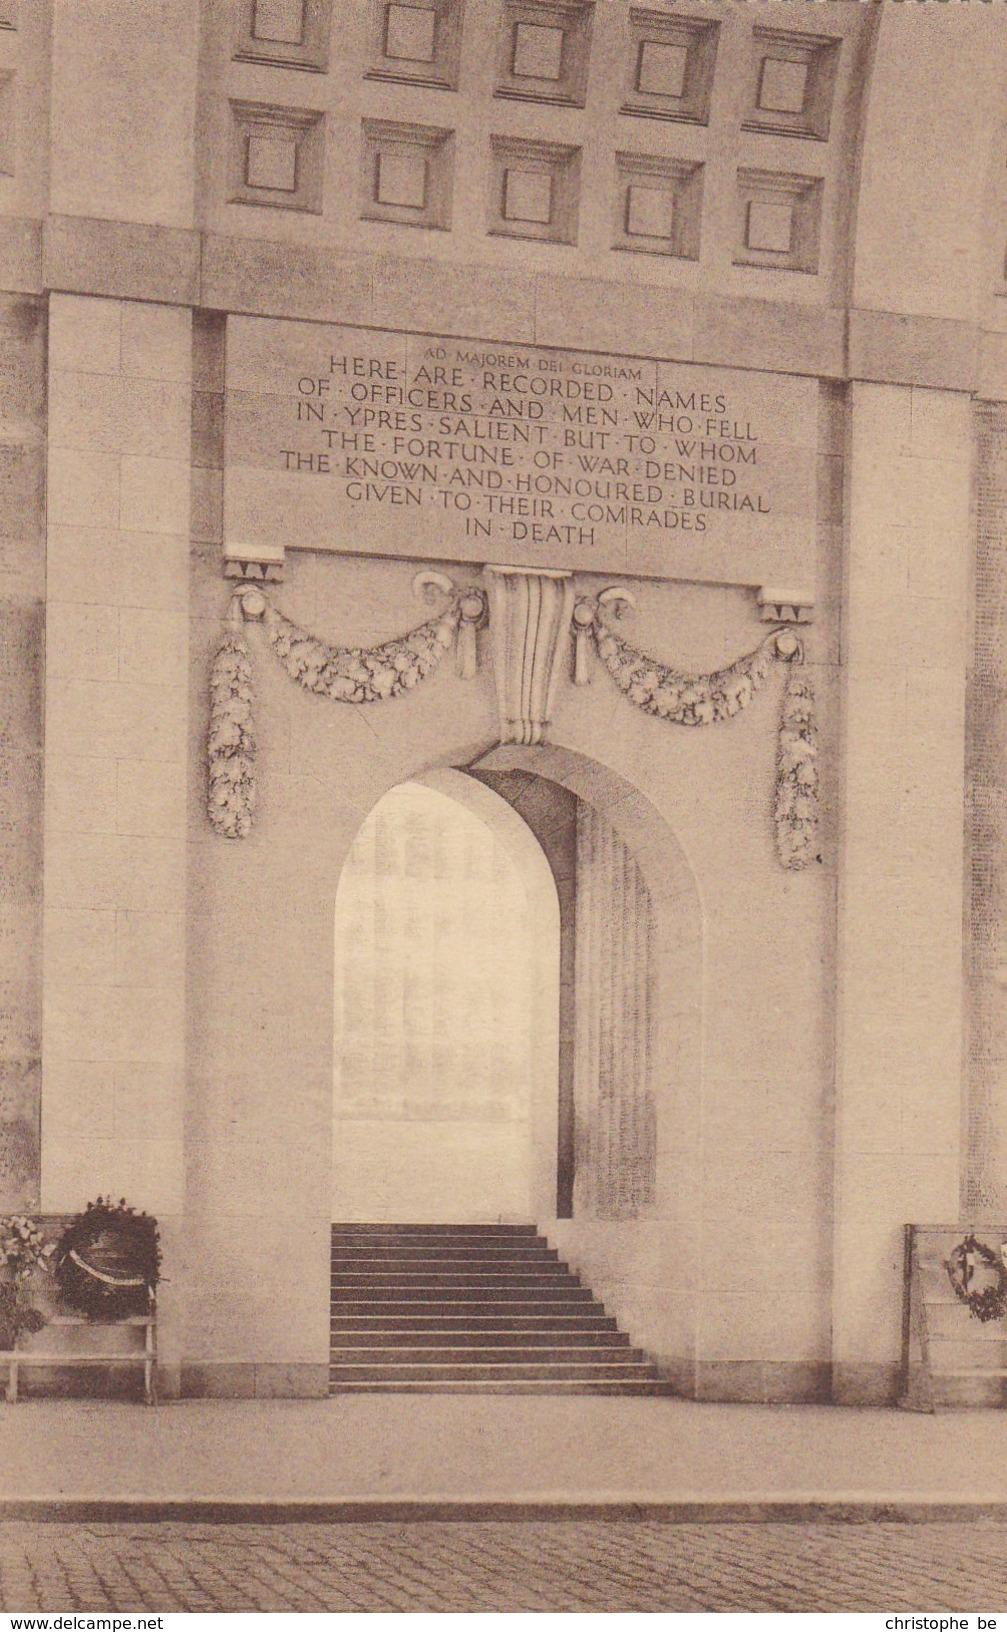 Ieper, Ypres, Menin Gate Memorial (pk34624) - Ieper